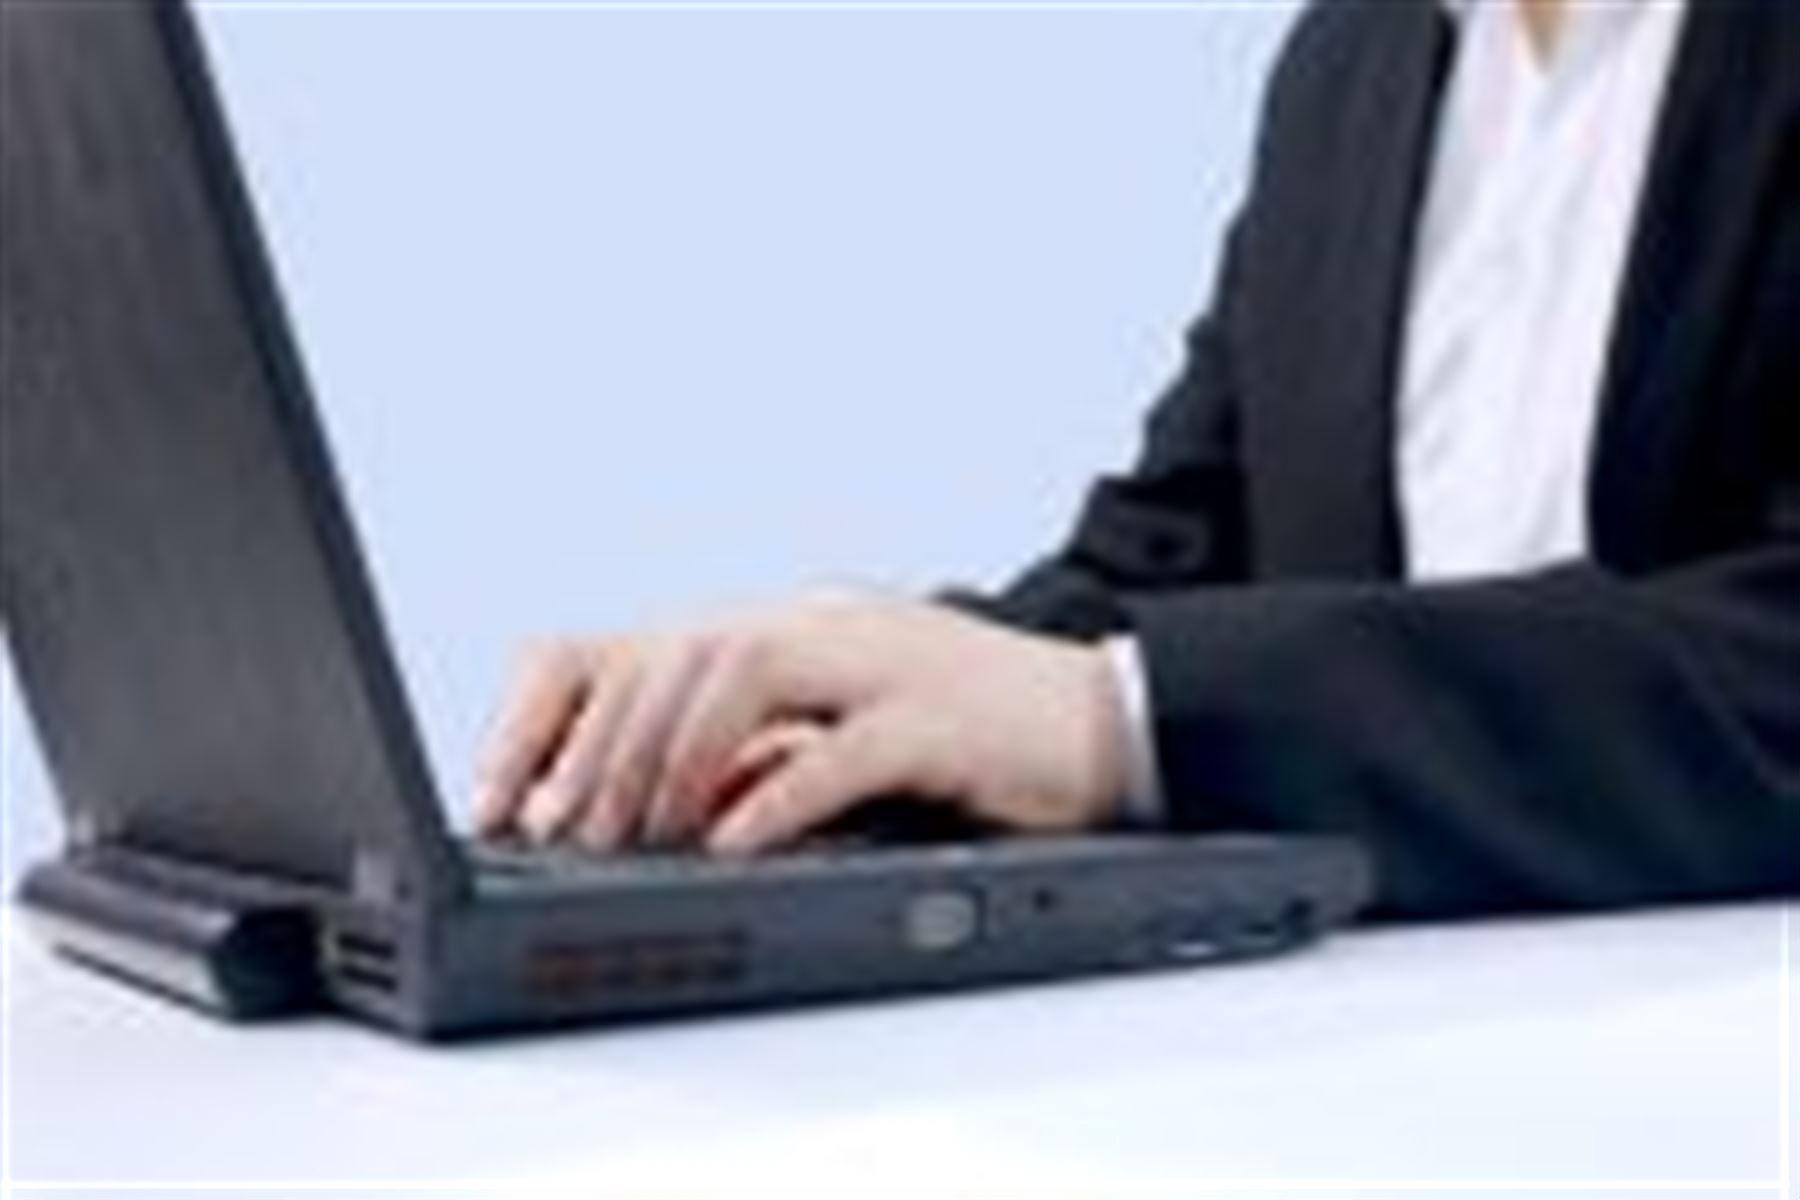 科技部发布科技基础资源调查专项项目申报指南